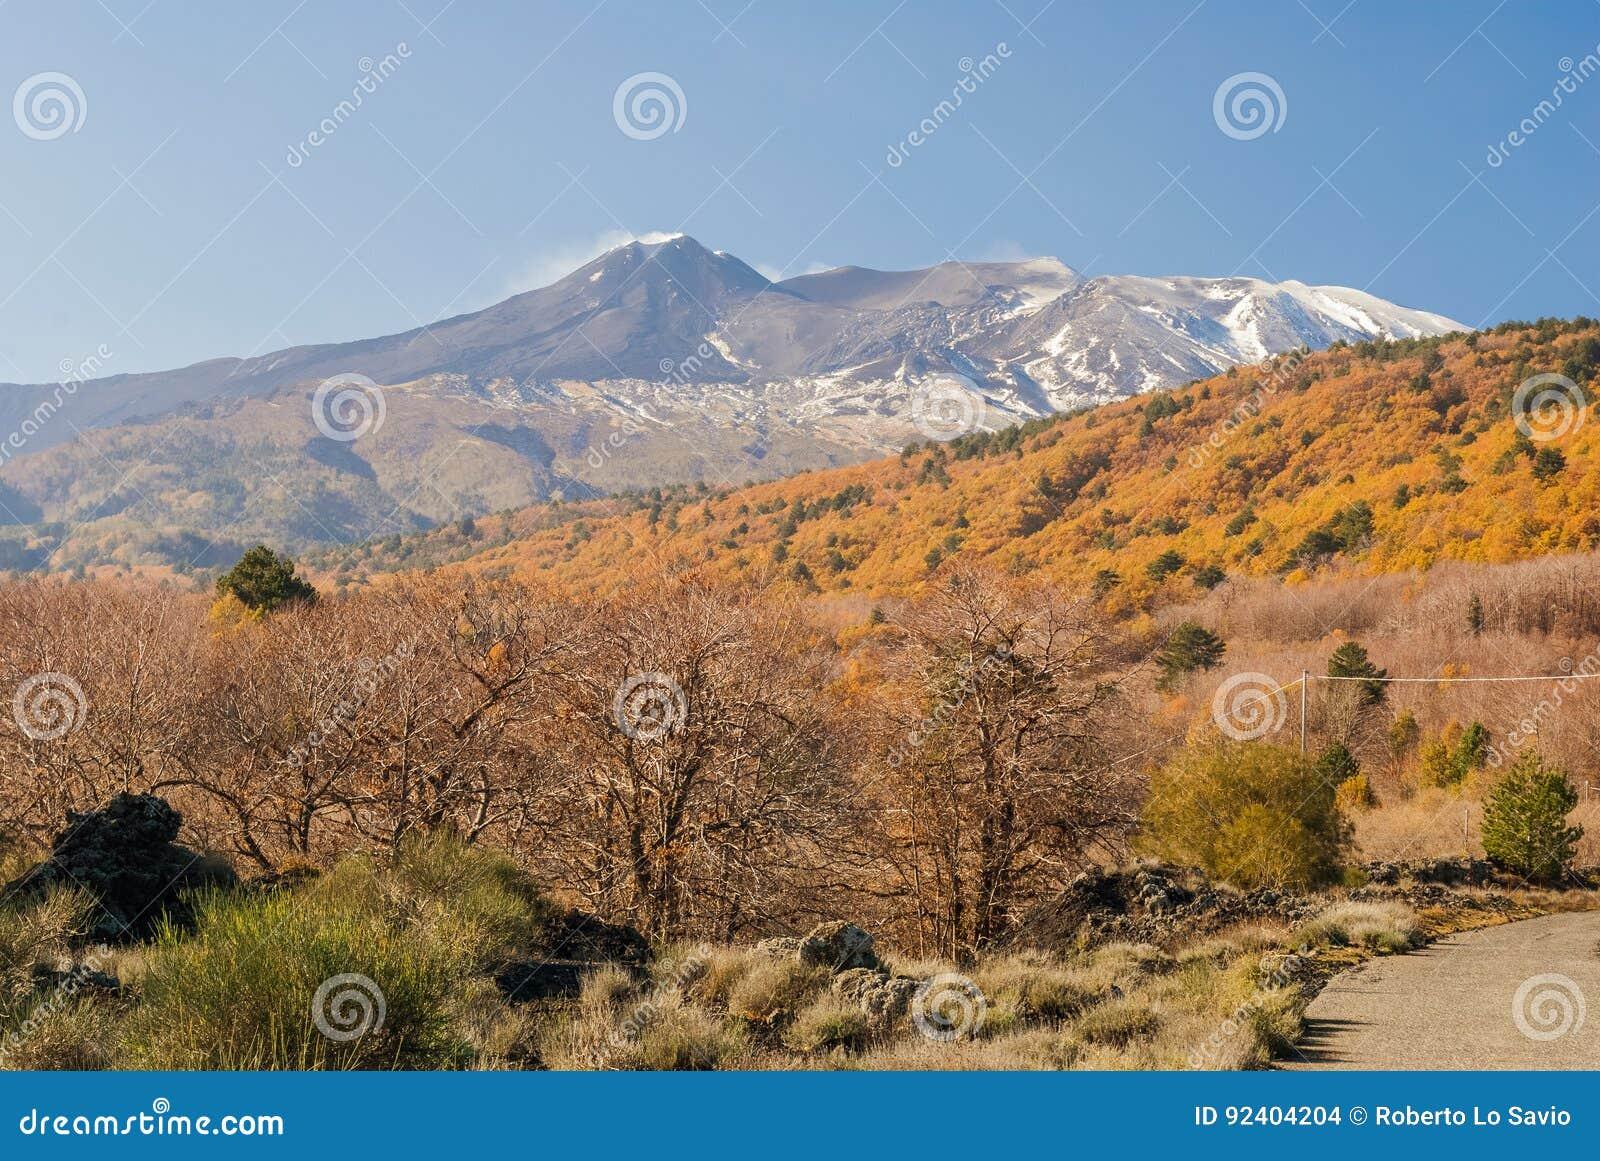 Северовосточный фланк вулкана Этна во время последней осени